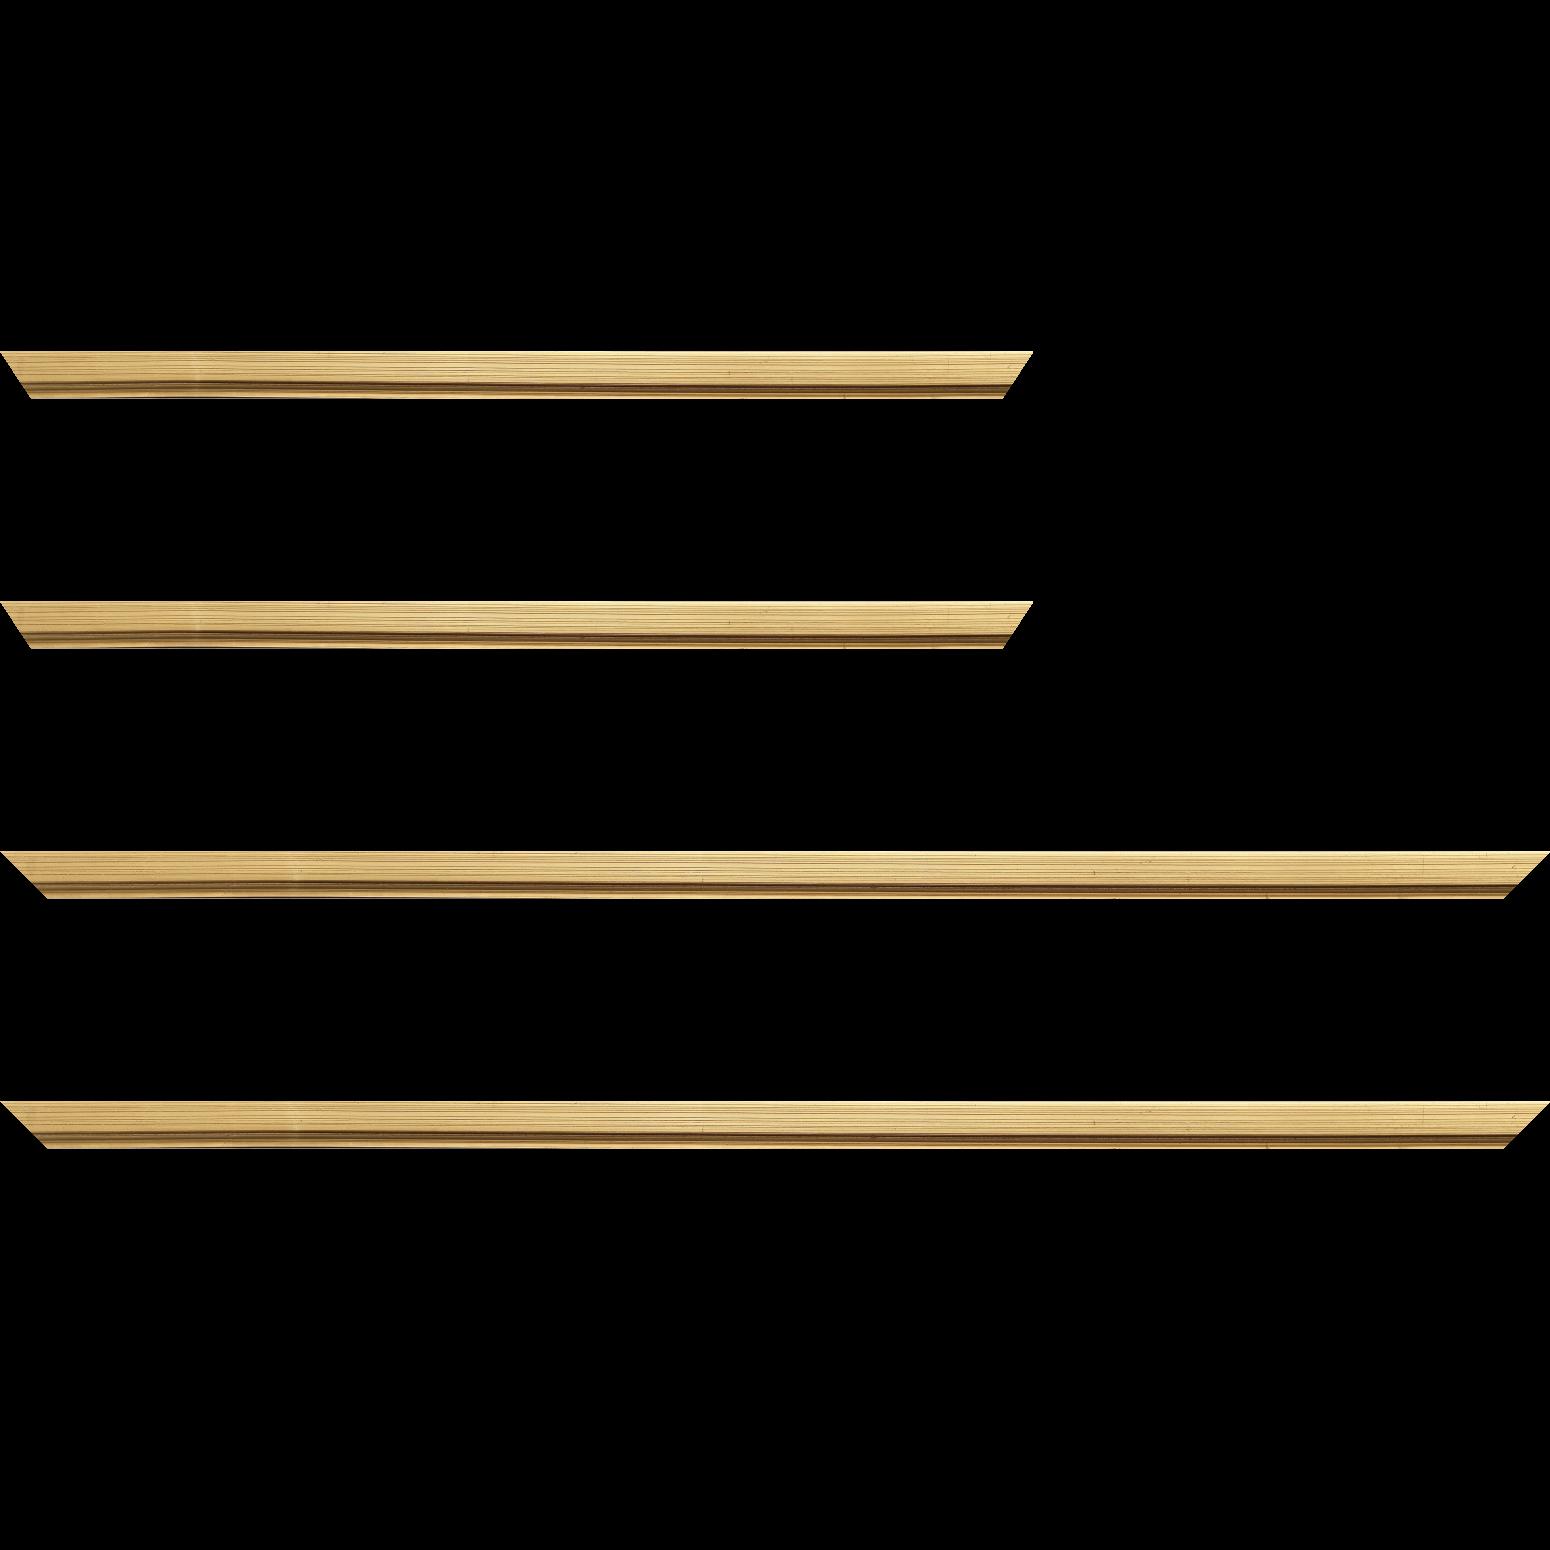 Baguette service précoupé Bois profil plat largeur 1.6cm or patiné à la feuille nez chanfrein